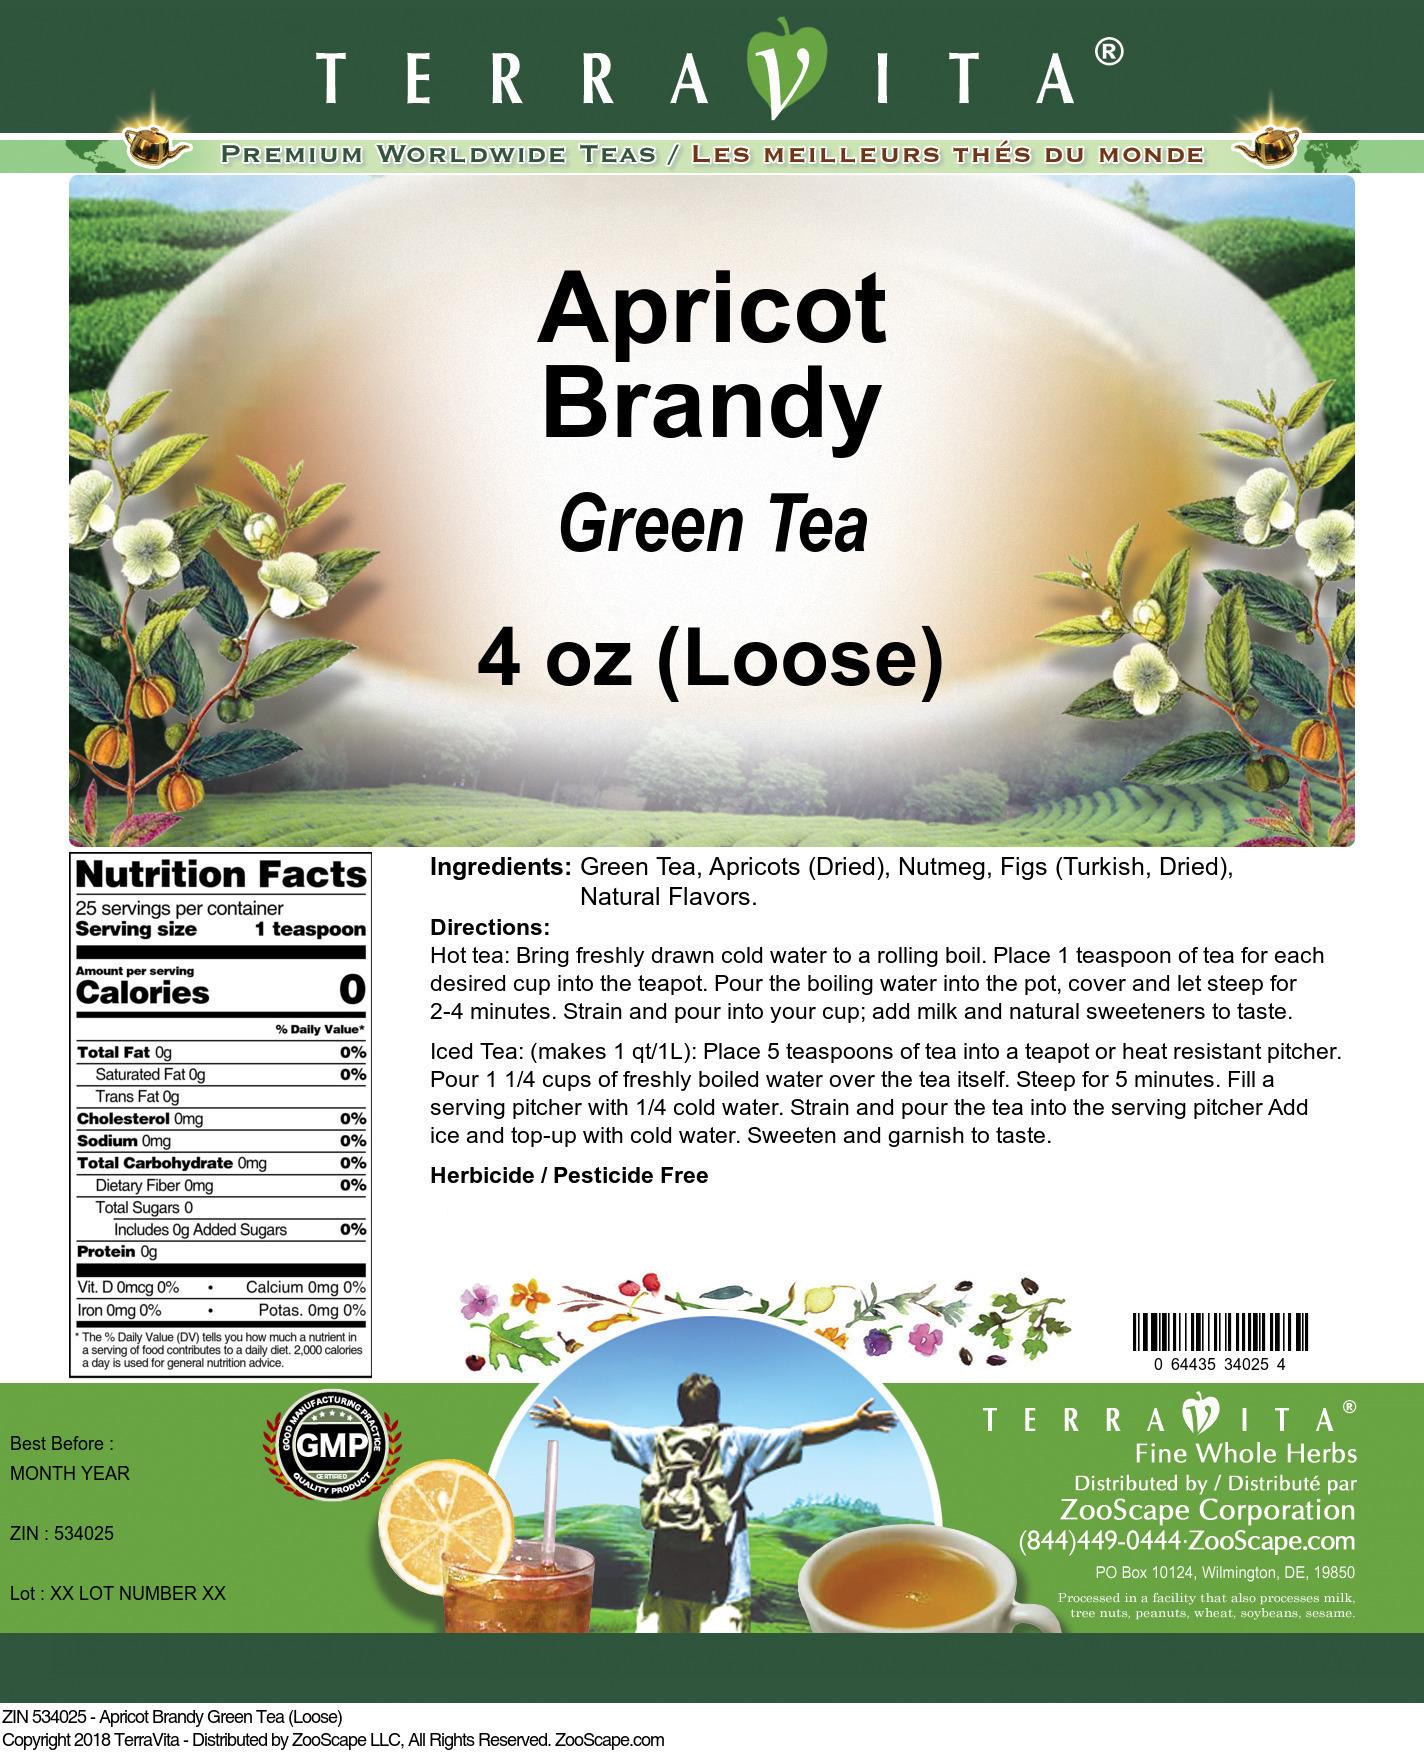 Apricot Brandy Green Tea